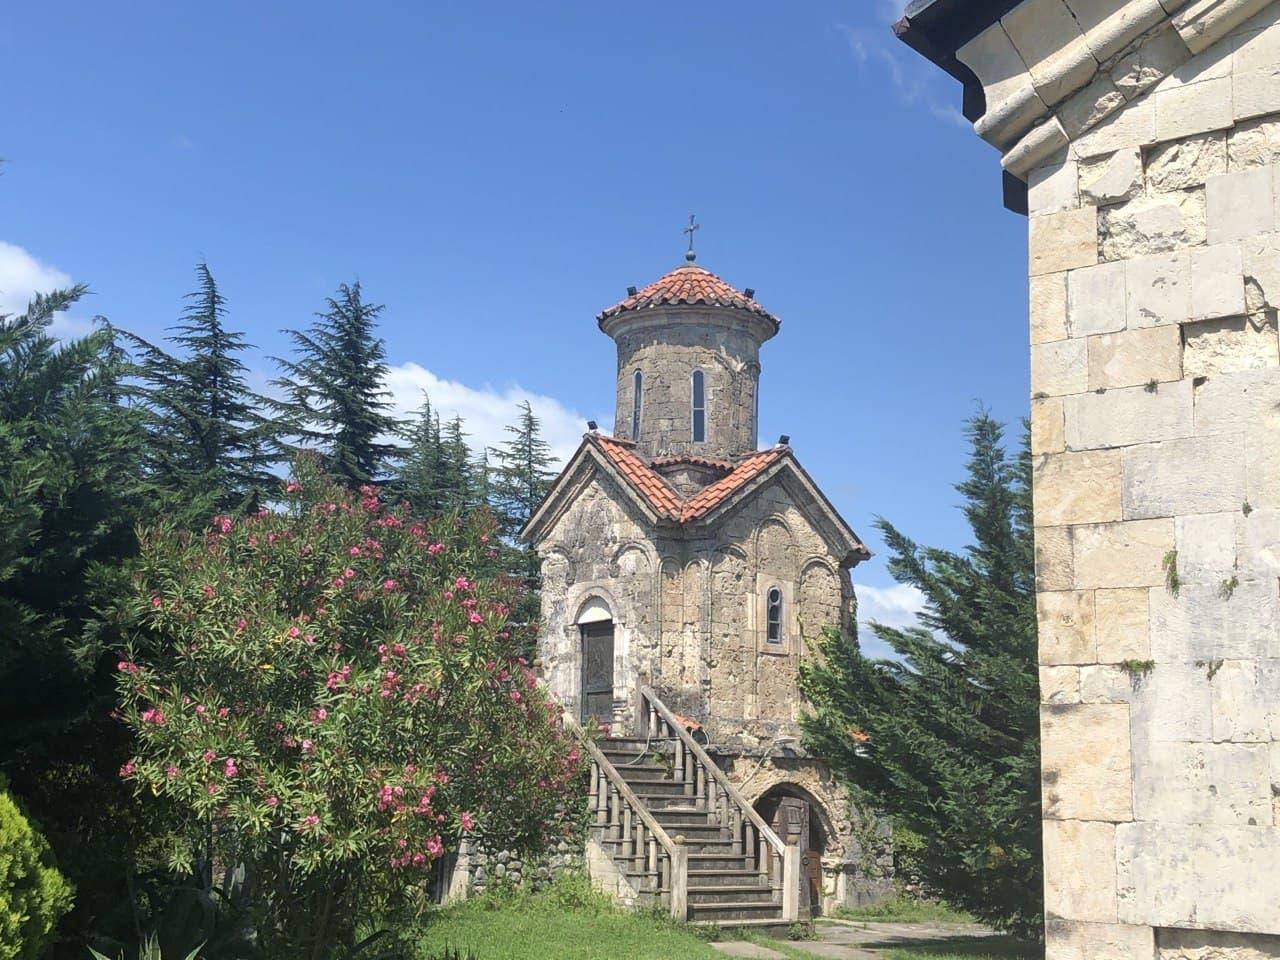 Поехали в Грузию! Планируем отдых по самым живописным местам страны - фото №17